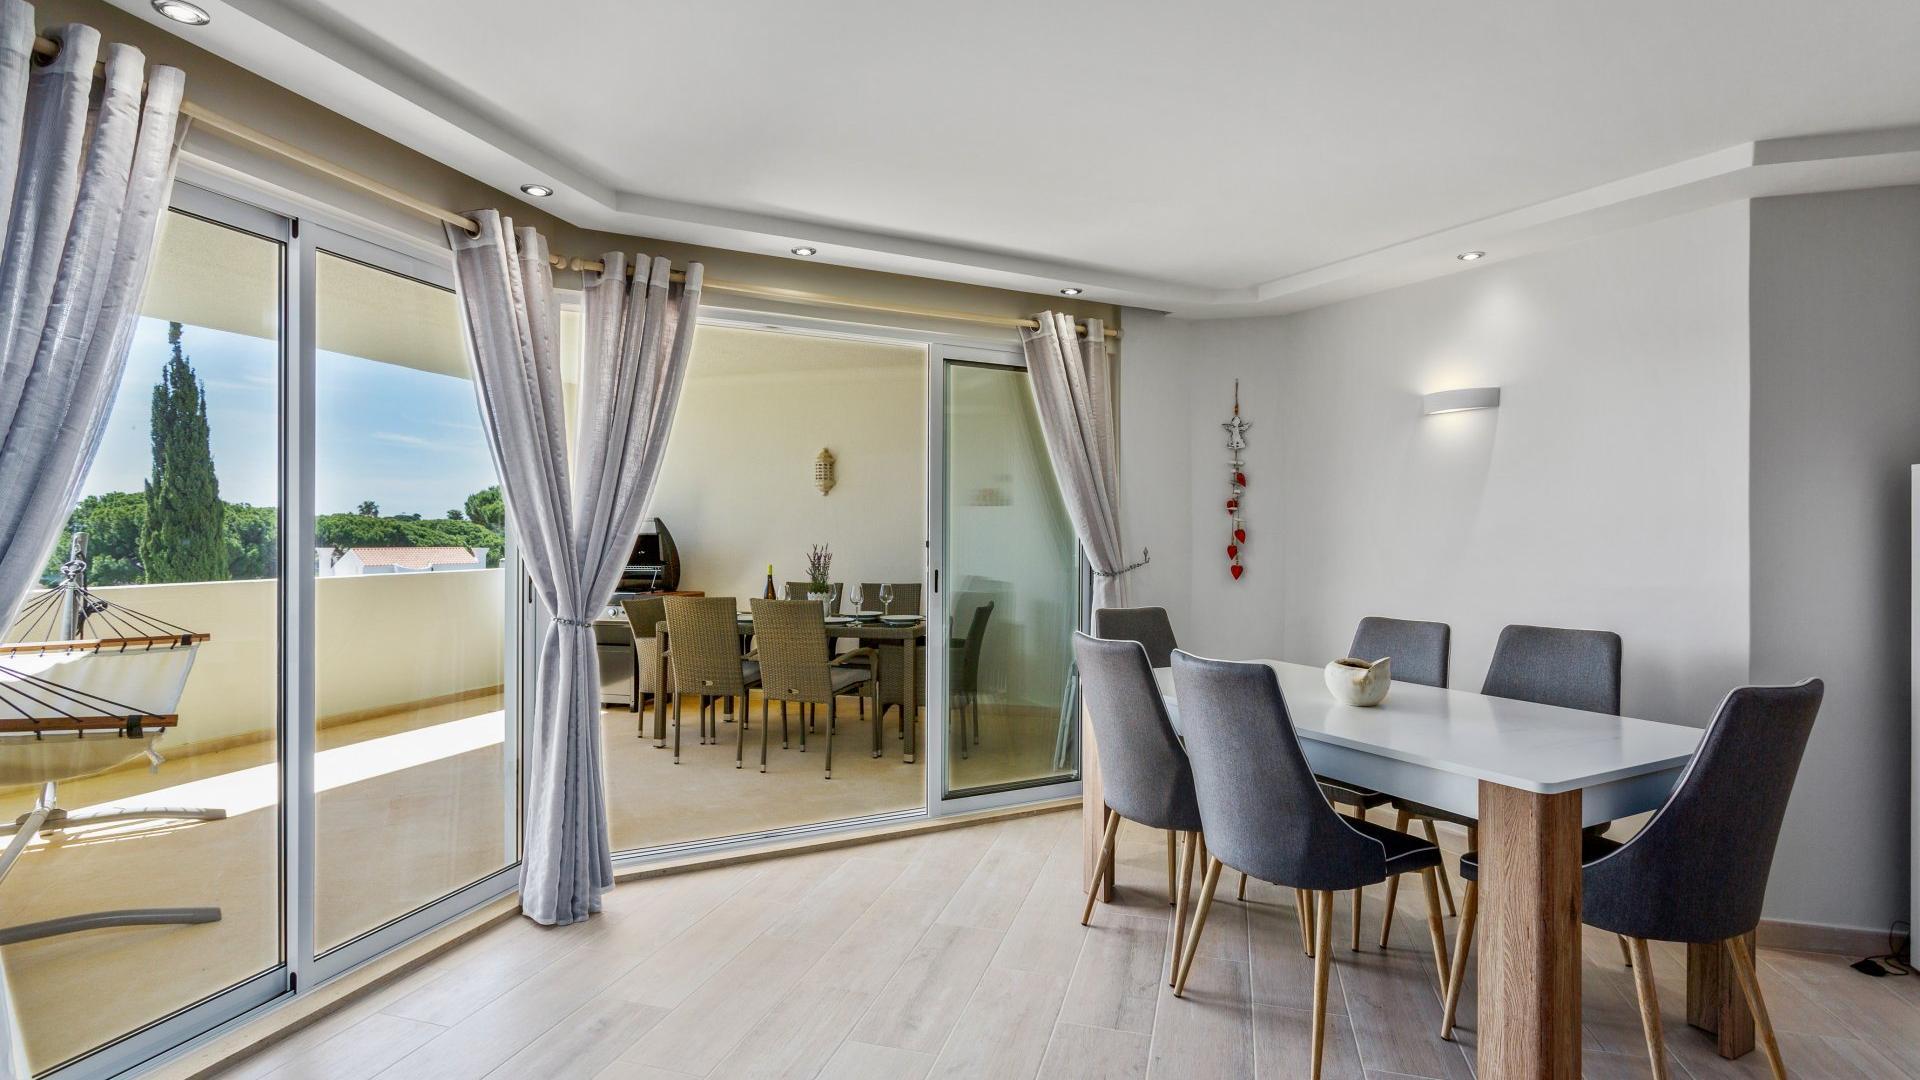 Apartment Lily - Jardins do Golfe, Vale do Lobo, Algarve - _G0A8305.jpg